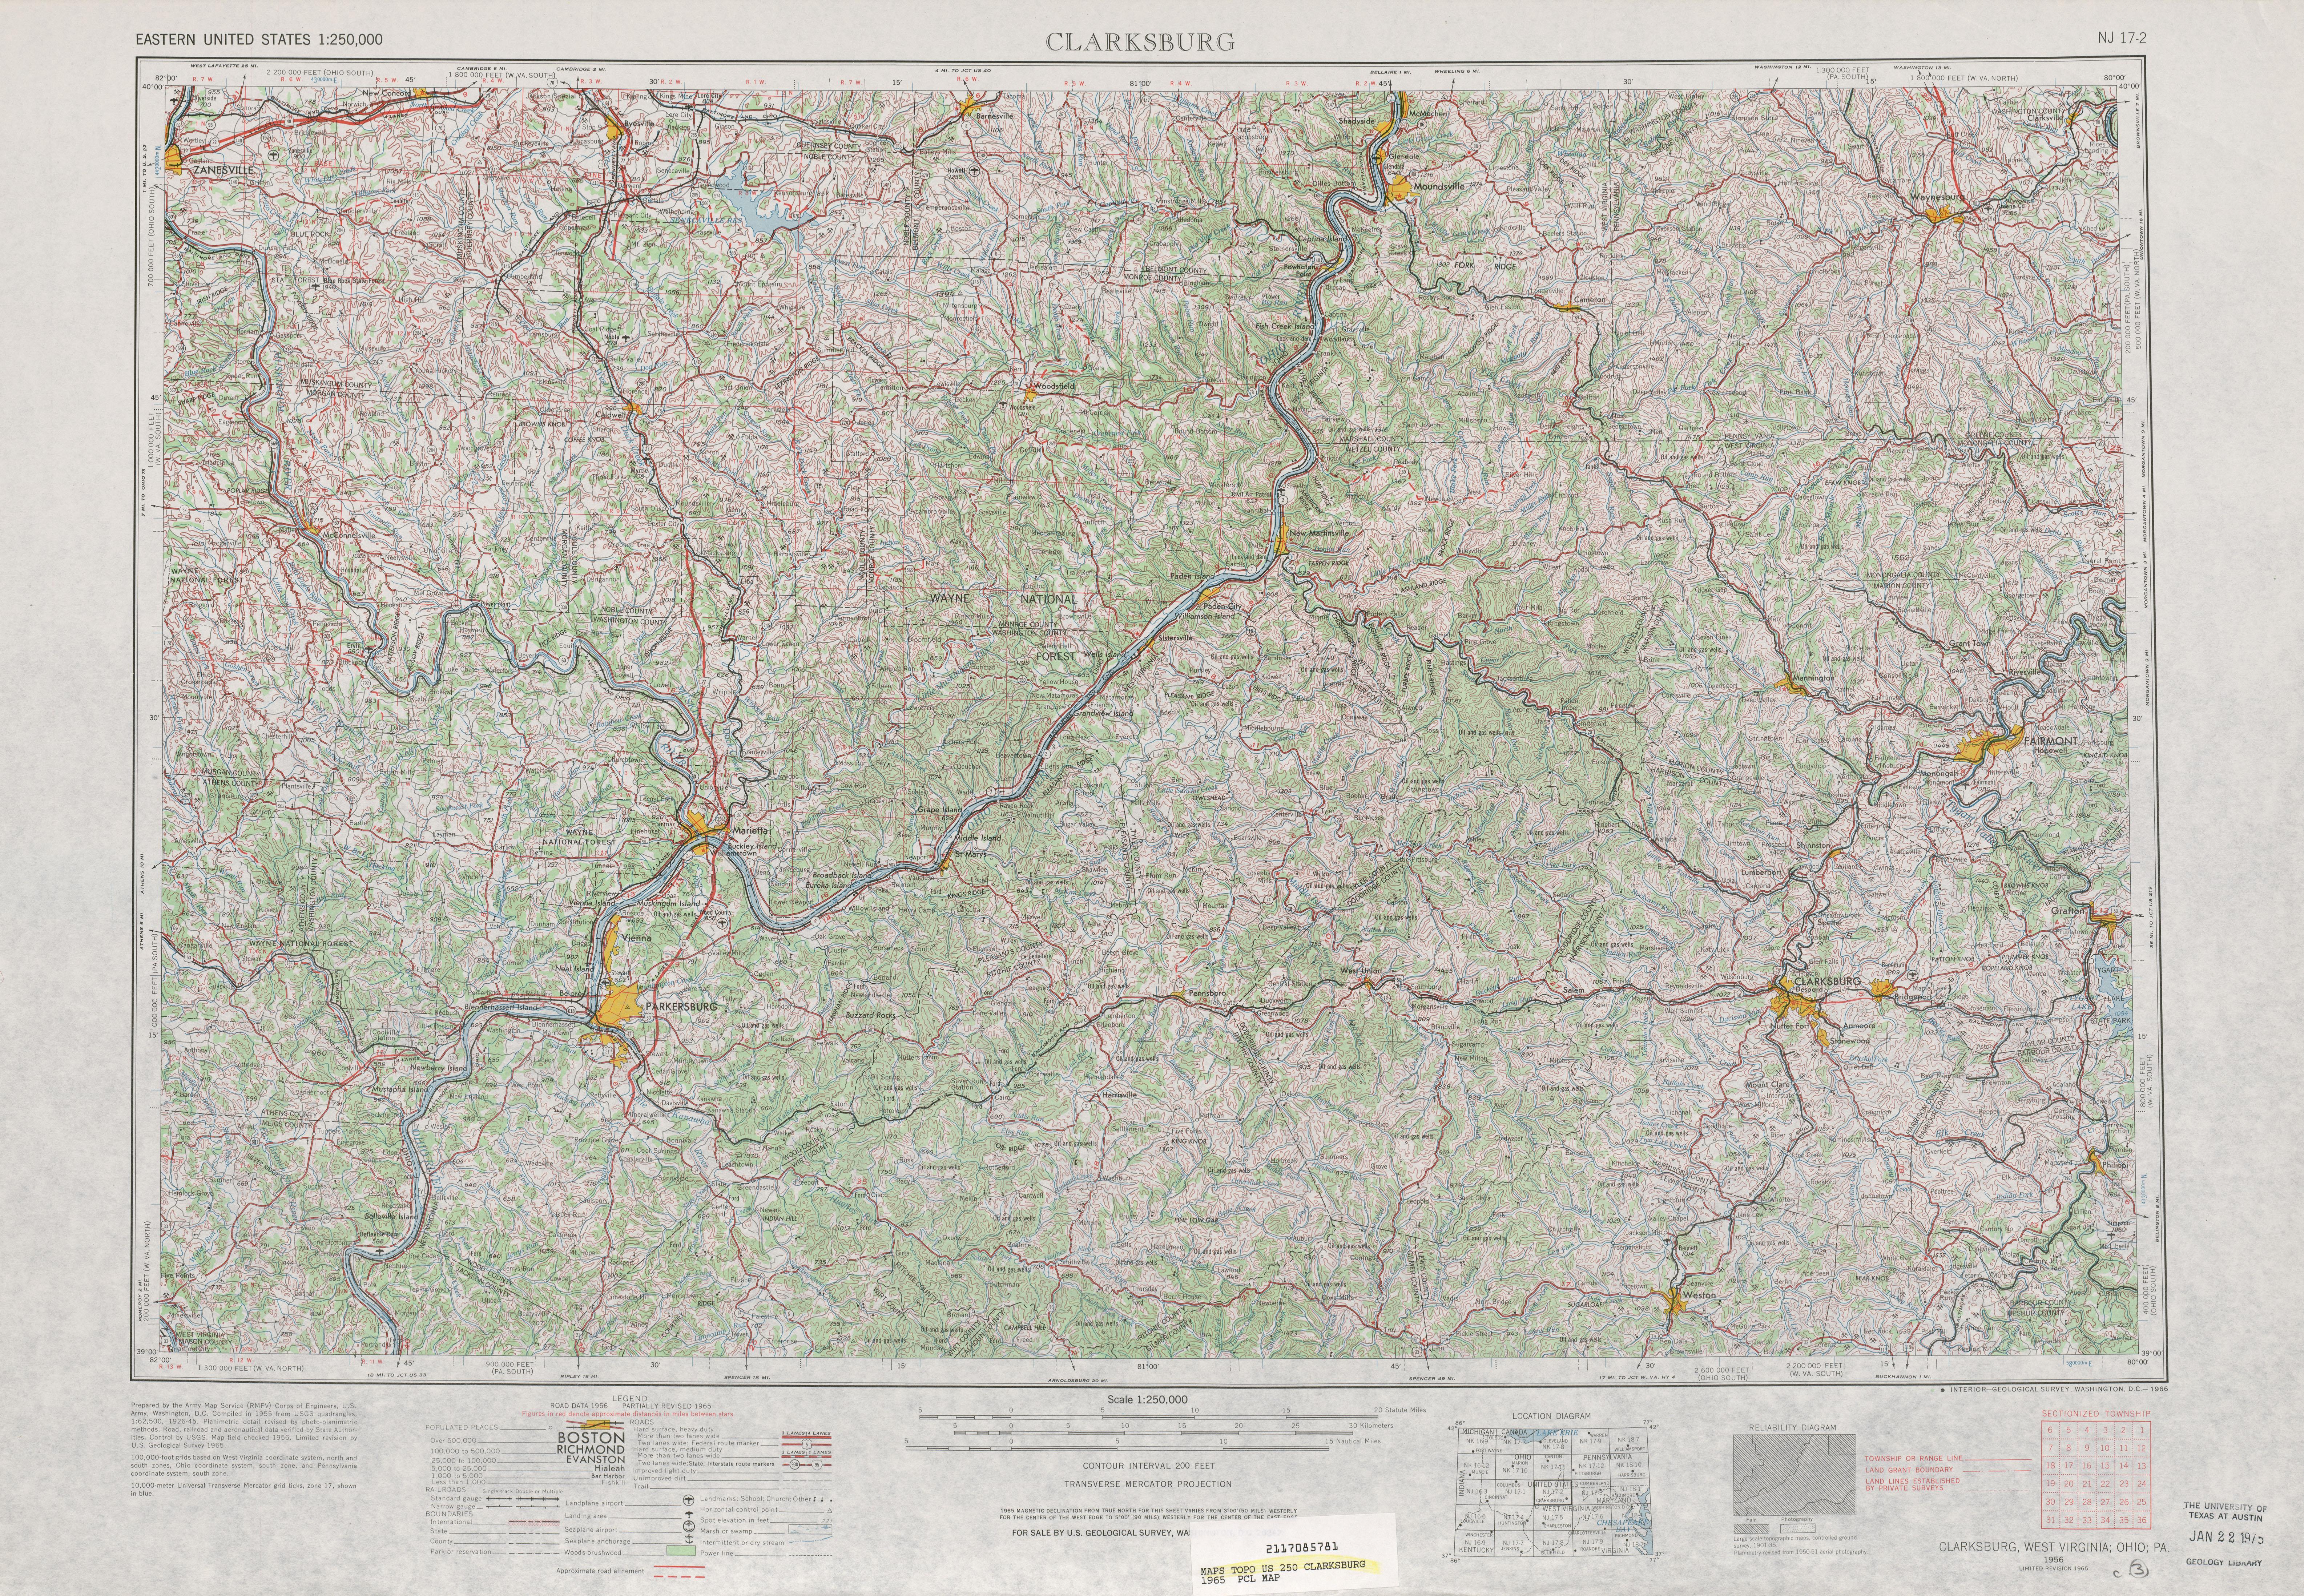 Hoja Clarksburg del Mapa Topográfico de los Estados Unidos 1965